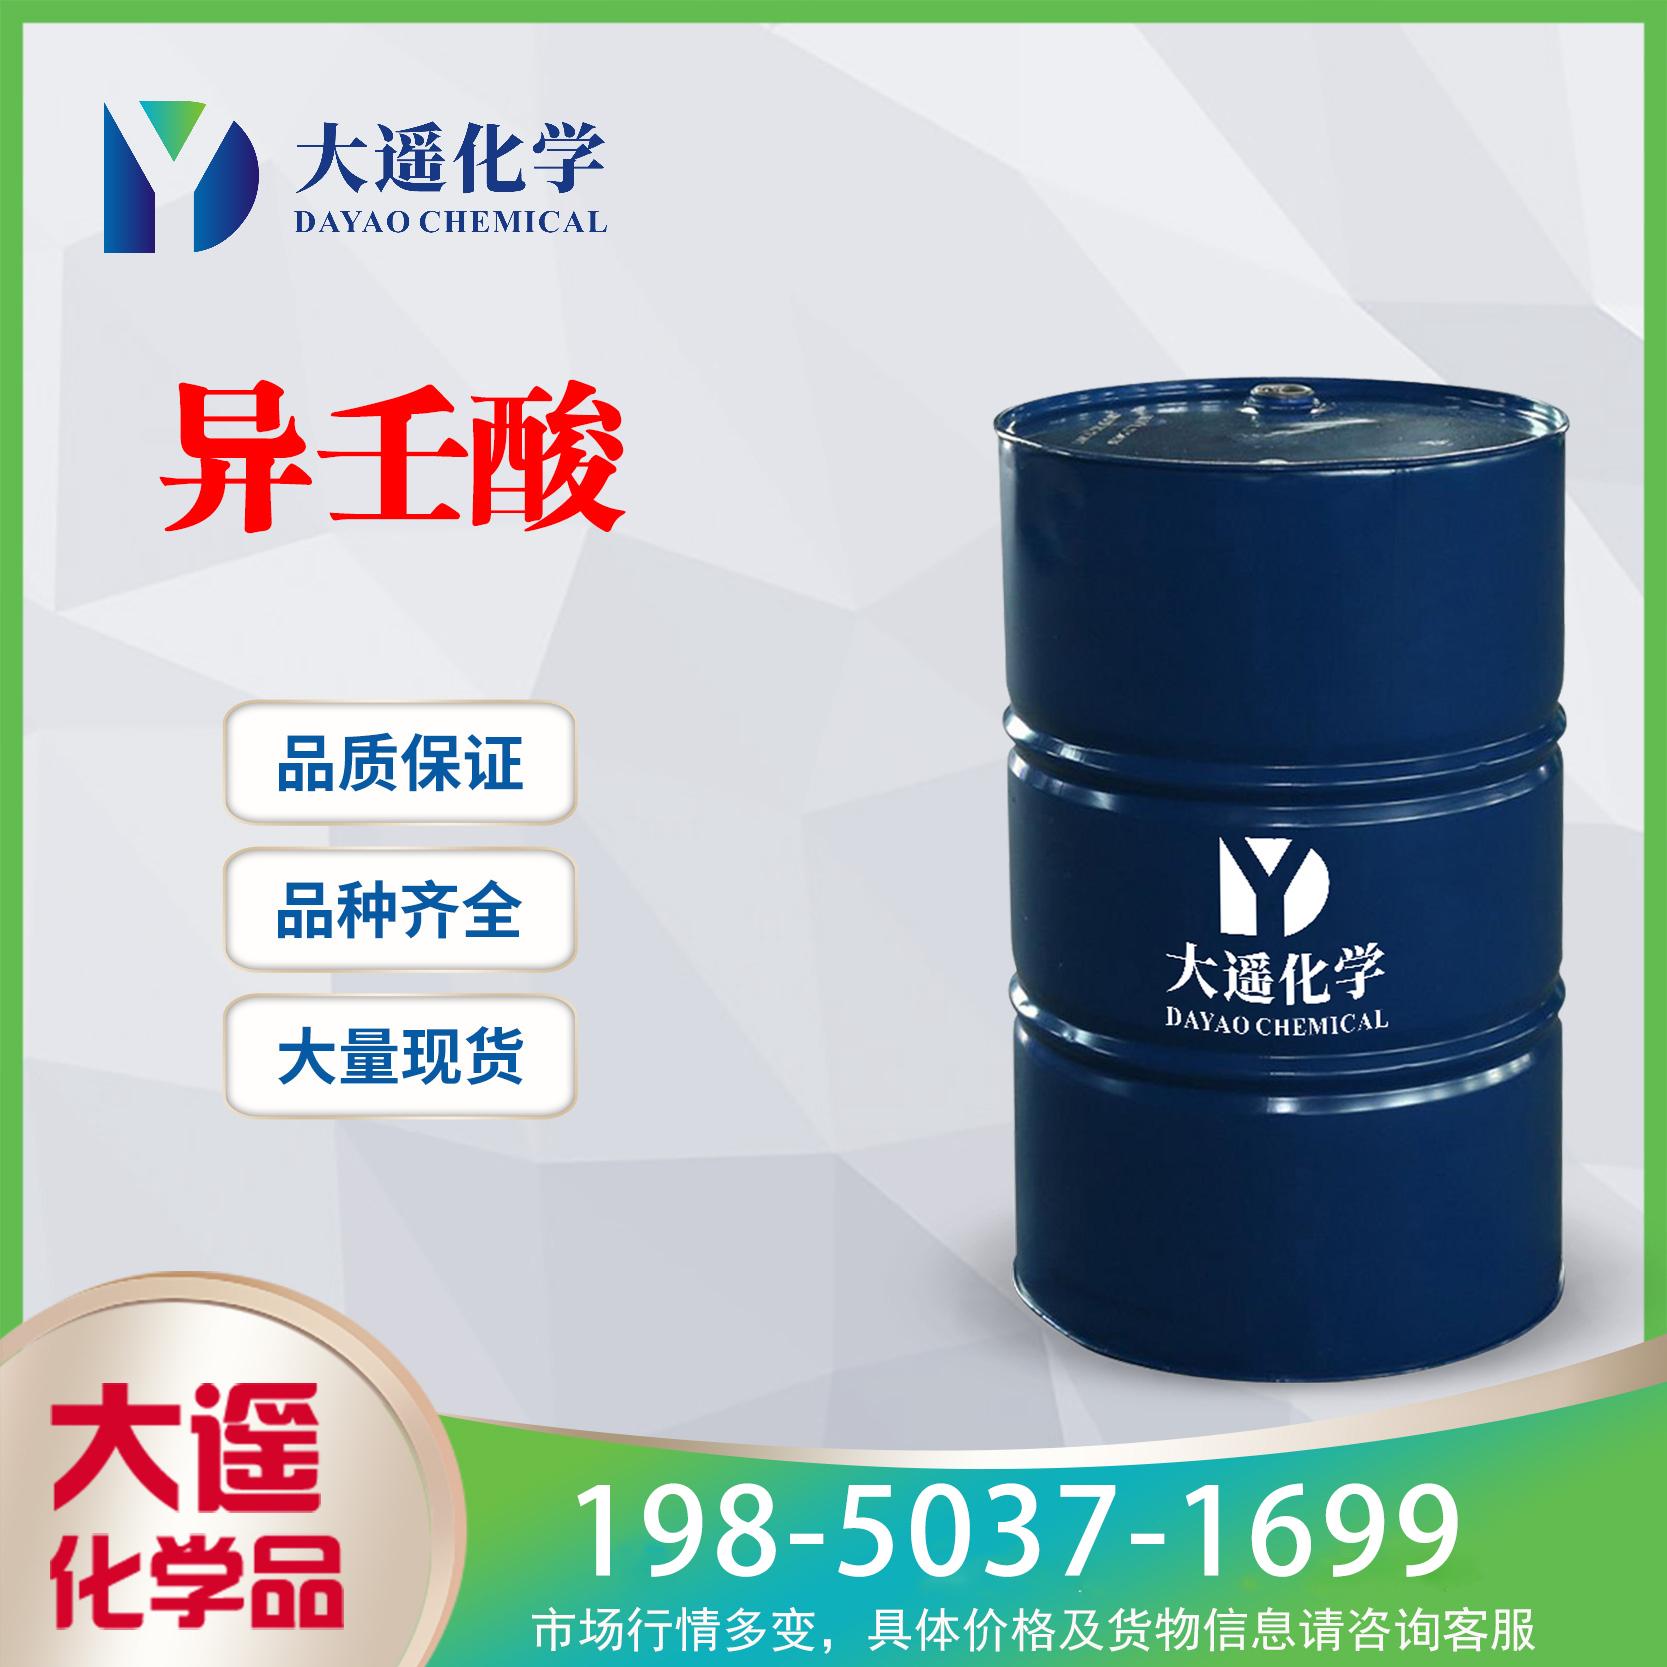 现货供应 日本协和 德国OXEA 异壬酸 3.5.5三甲基己酸 26896-18-4